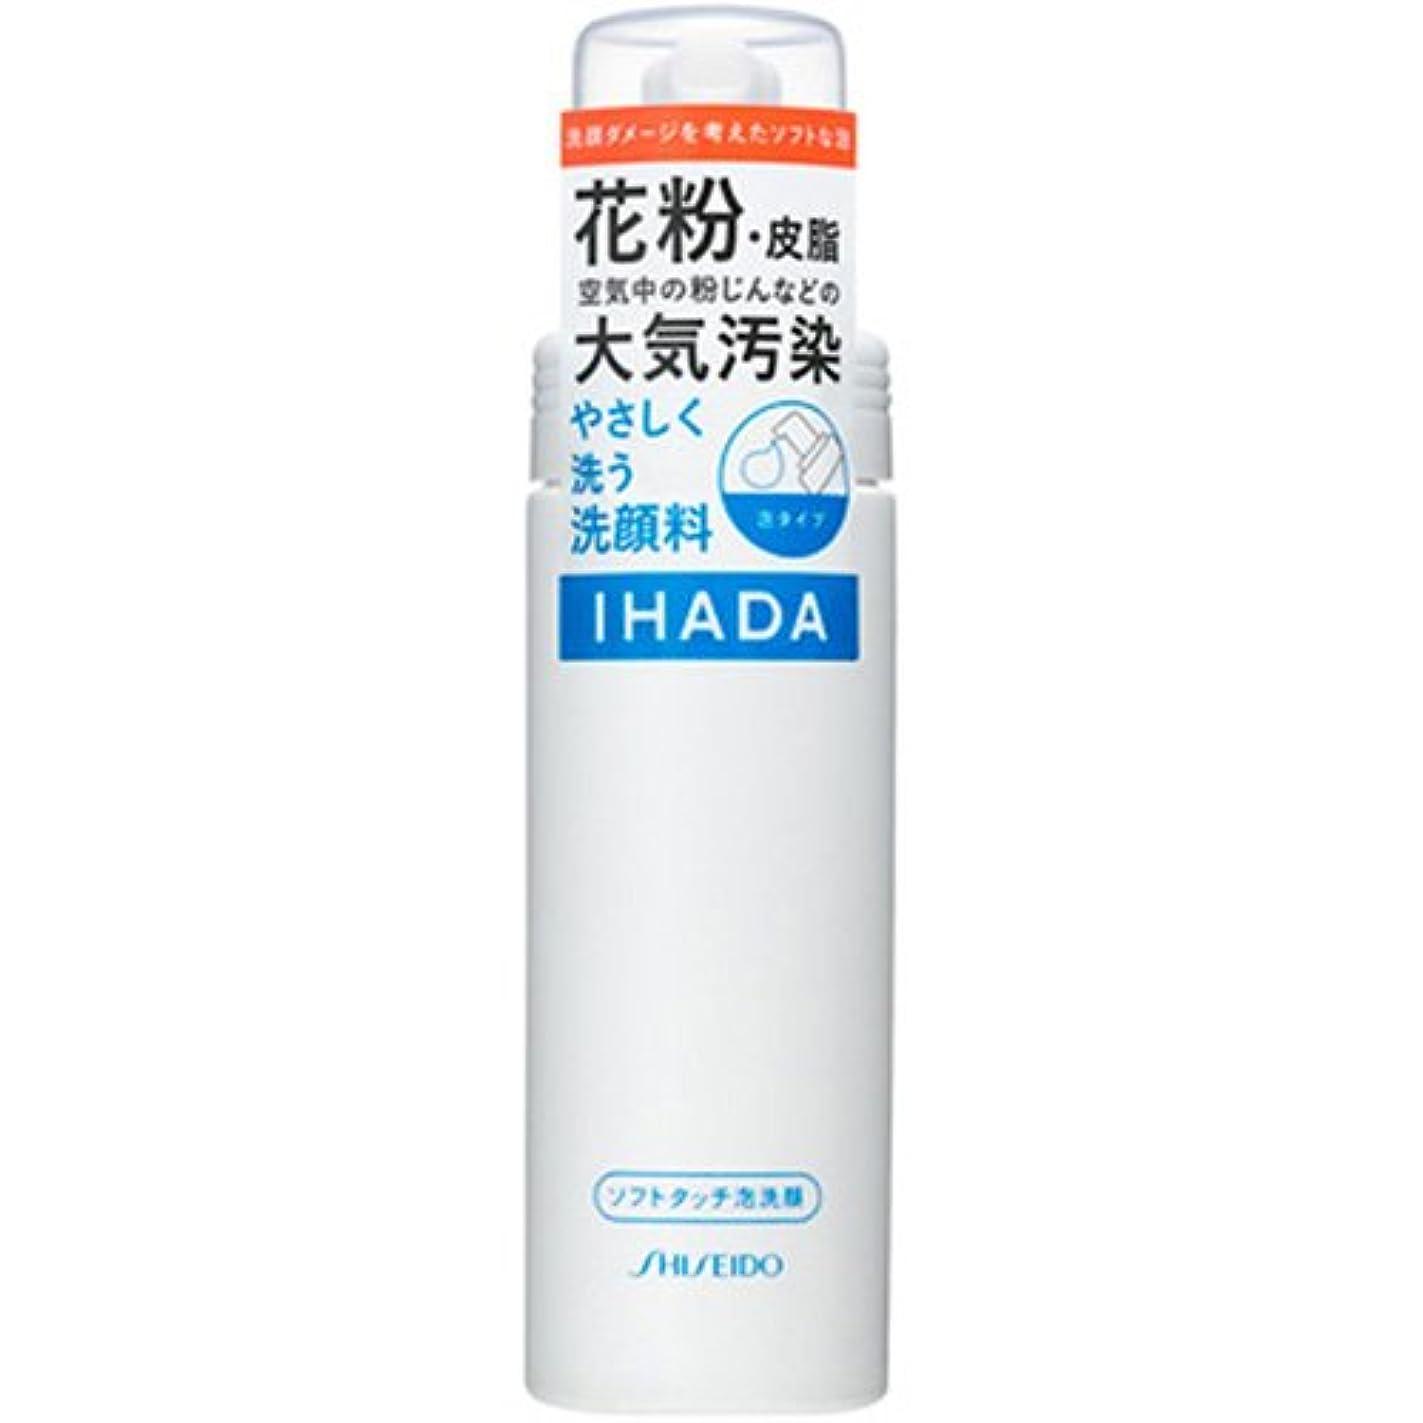 乱雑な急ぐ頑丈イハダ ソフトタッチ泡洗顔 120ml